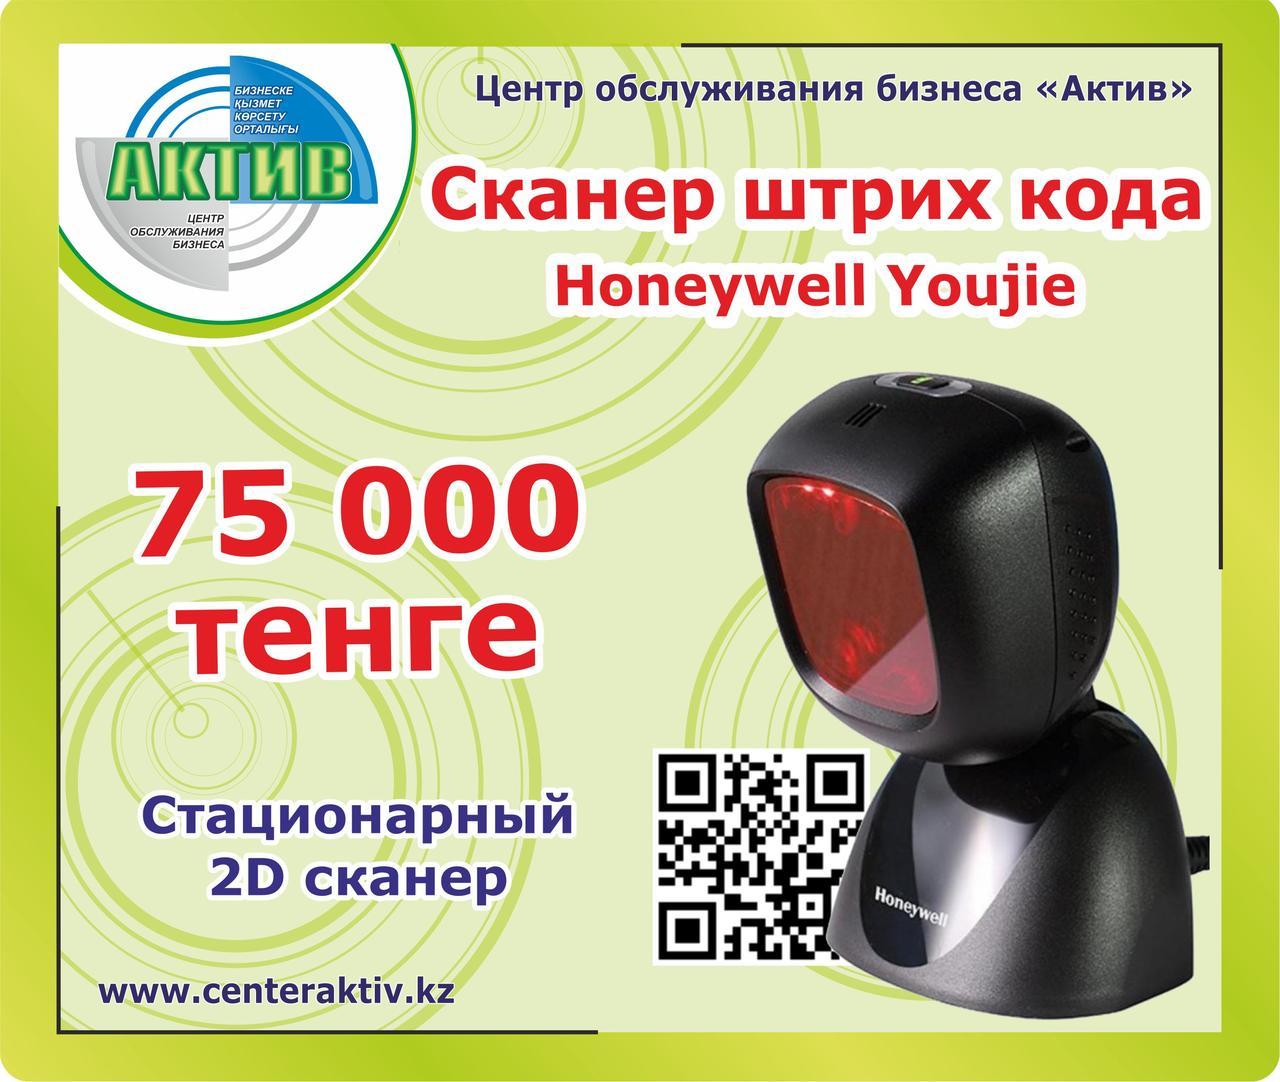 Сканер штрих кода Honetwell Youjie HF600-1-USB. Сканер штрихкодов